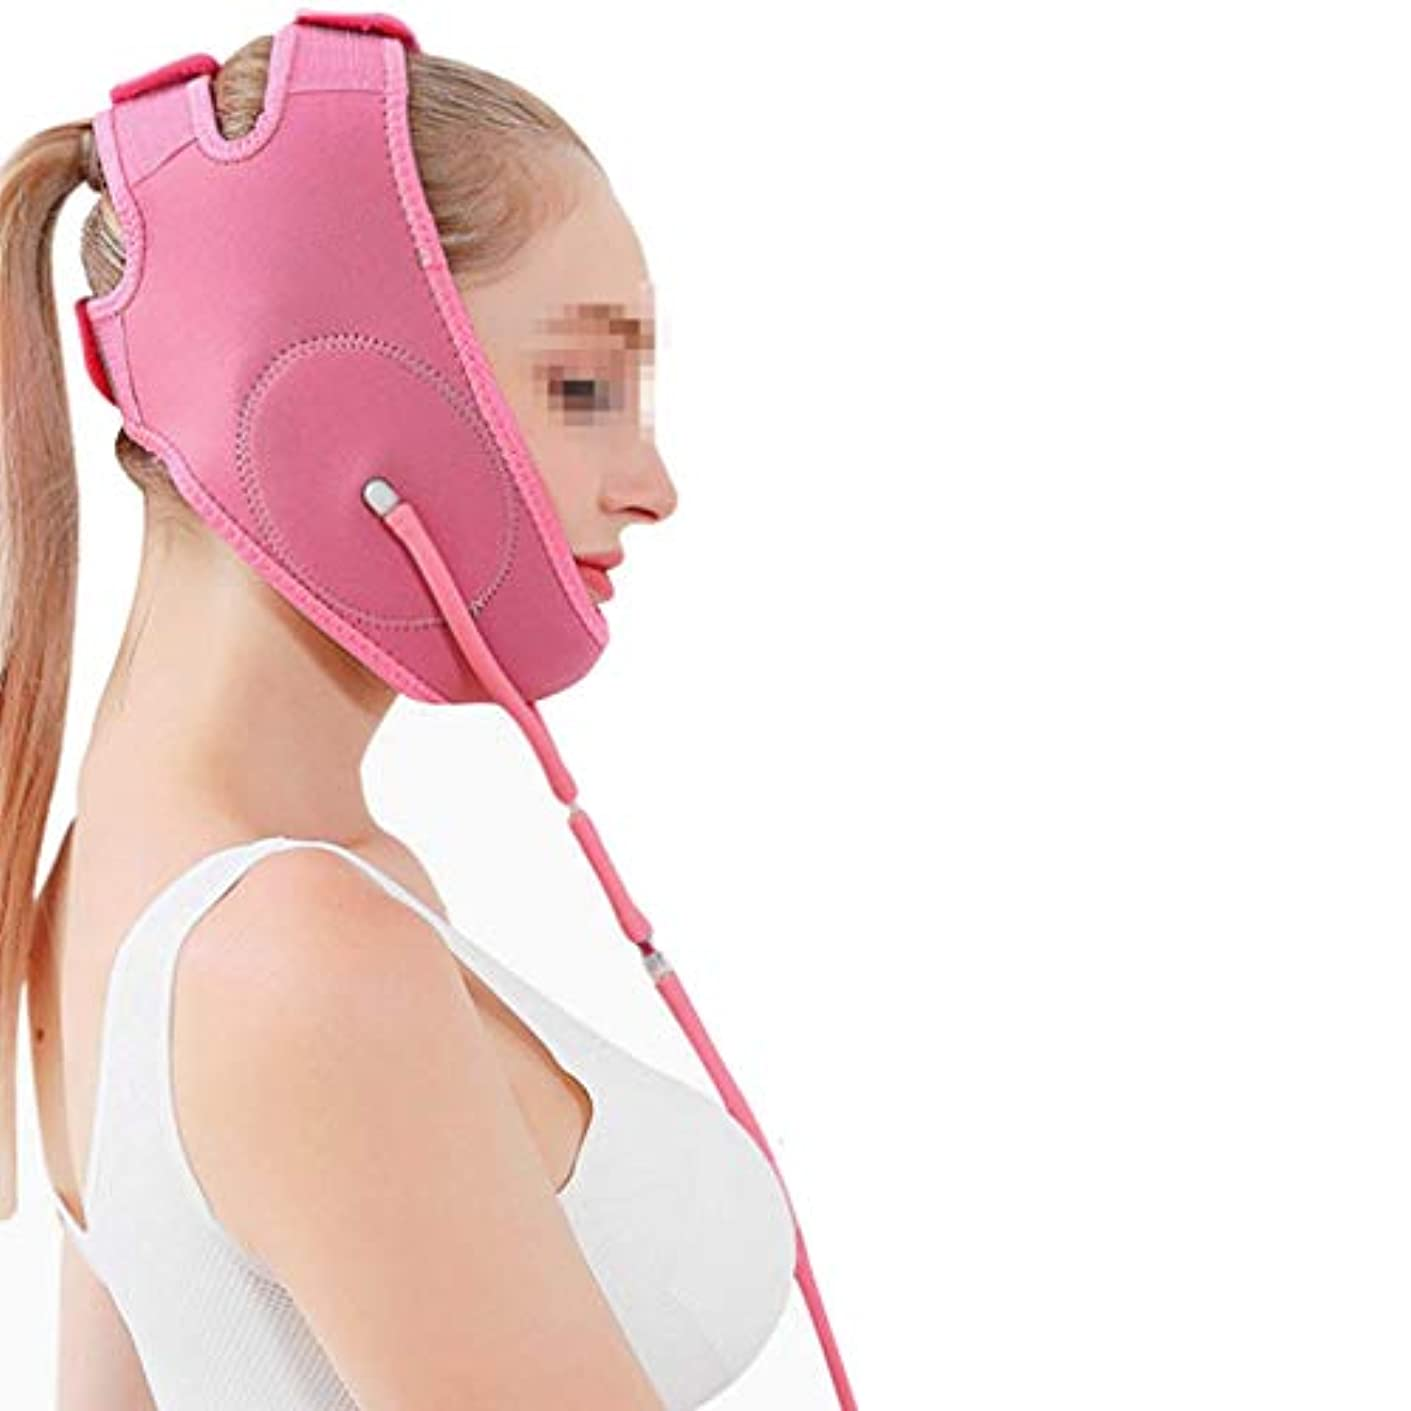 意志に反する動的リットルエアプレッシャーシンフェイスベルト、マスク小Vフェイスプレッシャーリフティングシェイピングバイトマッスルファーミングパターンダブルチン包帯シンフェイス包帯マルチカラーオプション(カラー:肌のトーン),ピンク